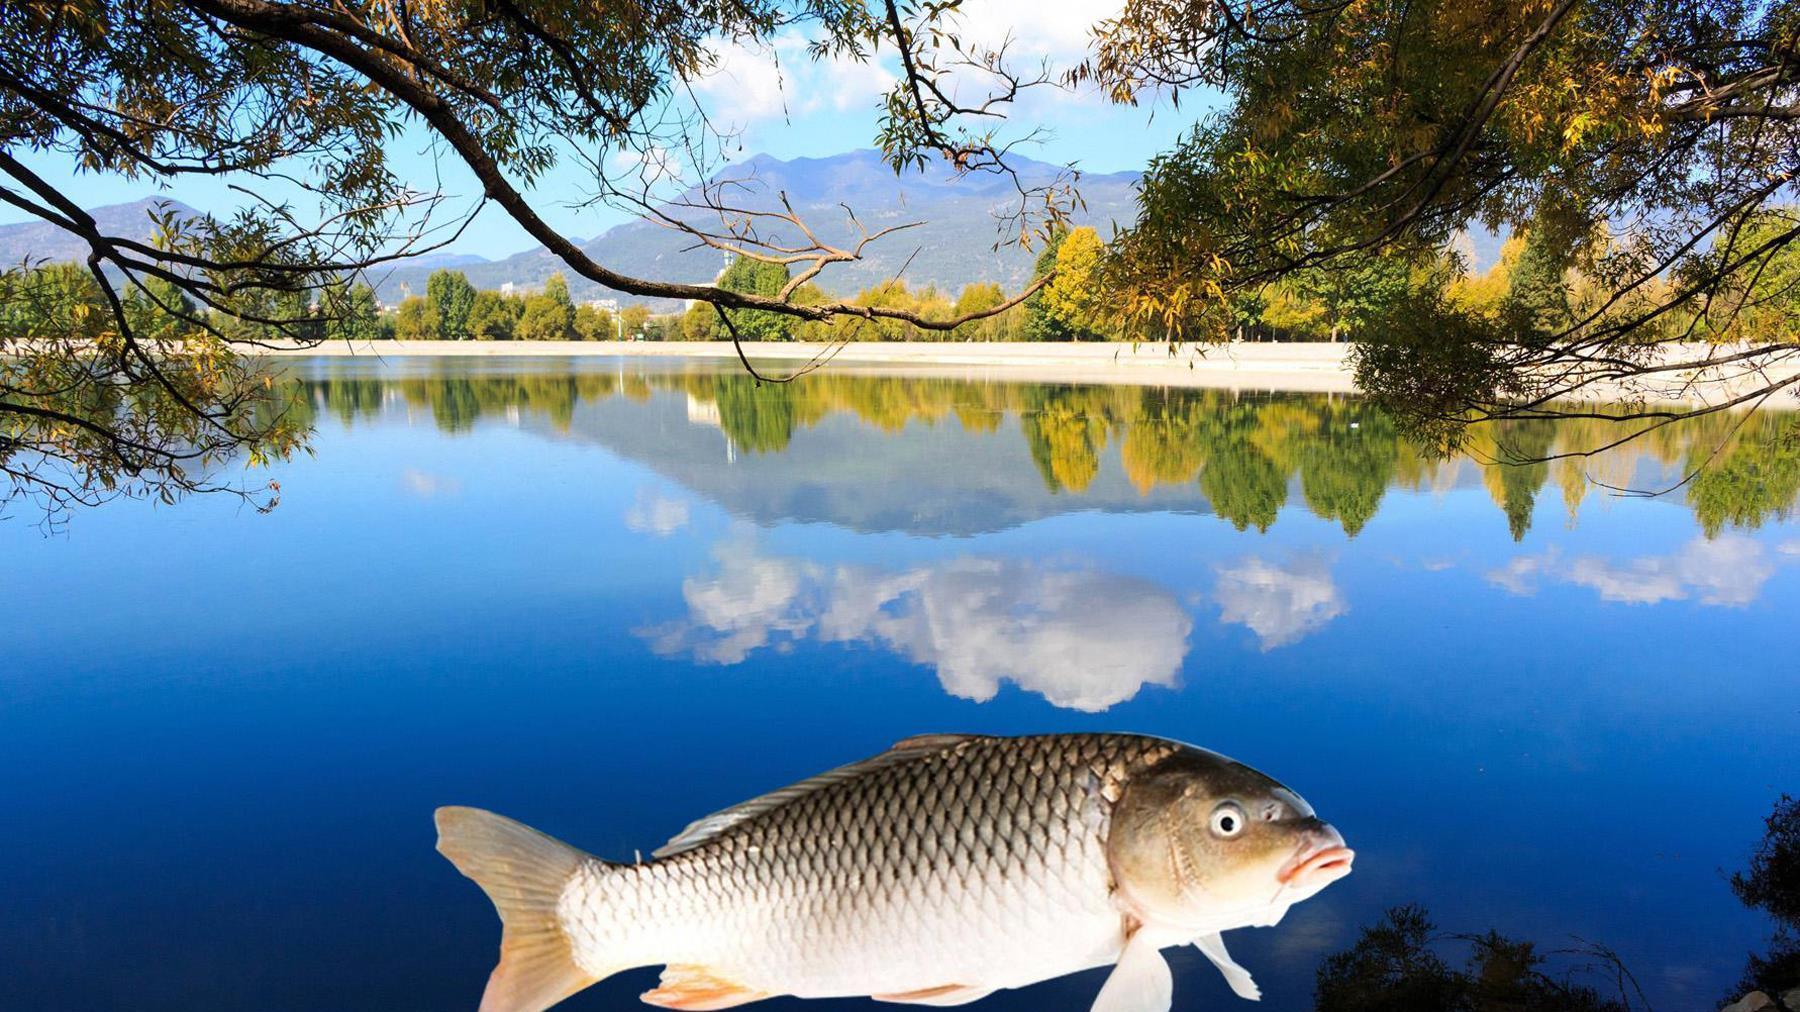 什么物质对鲤鱼的诱鱼效果非常好?钓鲤鱼轻松爆护的四种物质